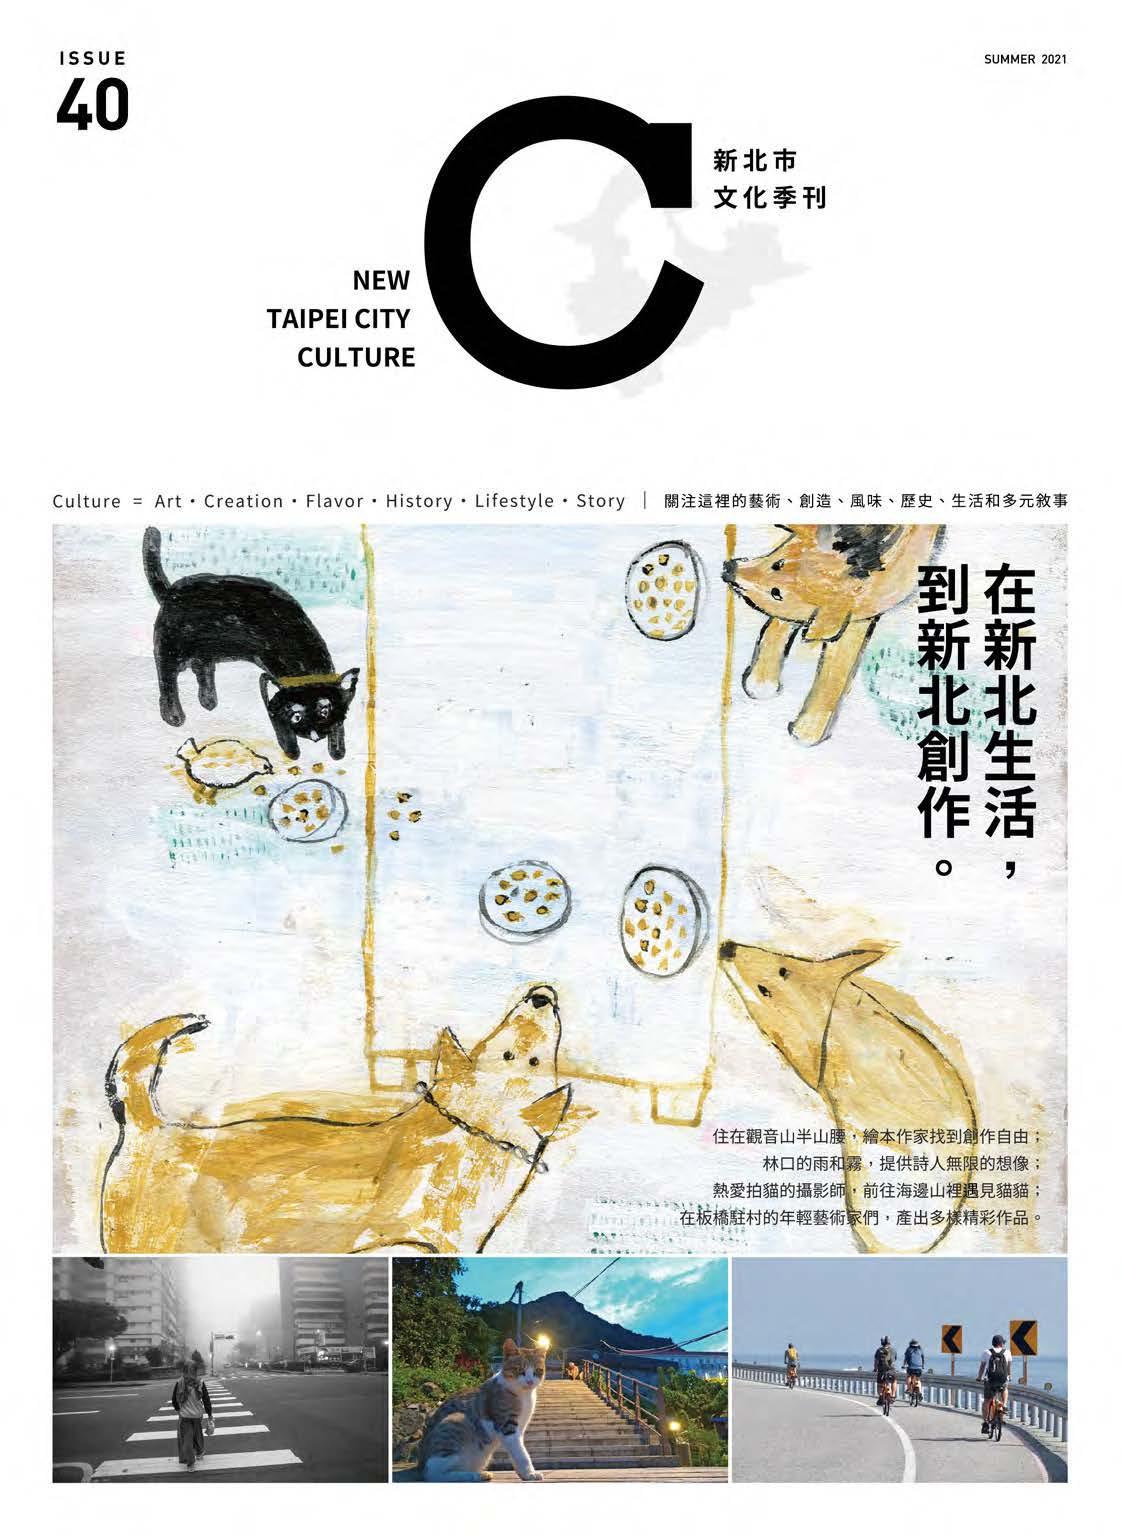 新北市文化季刊第40期